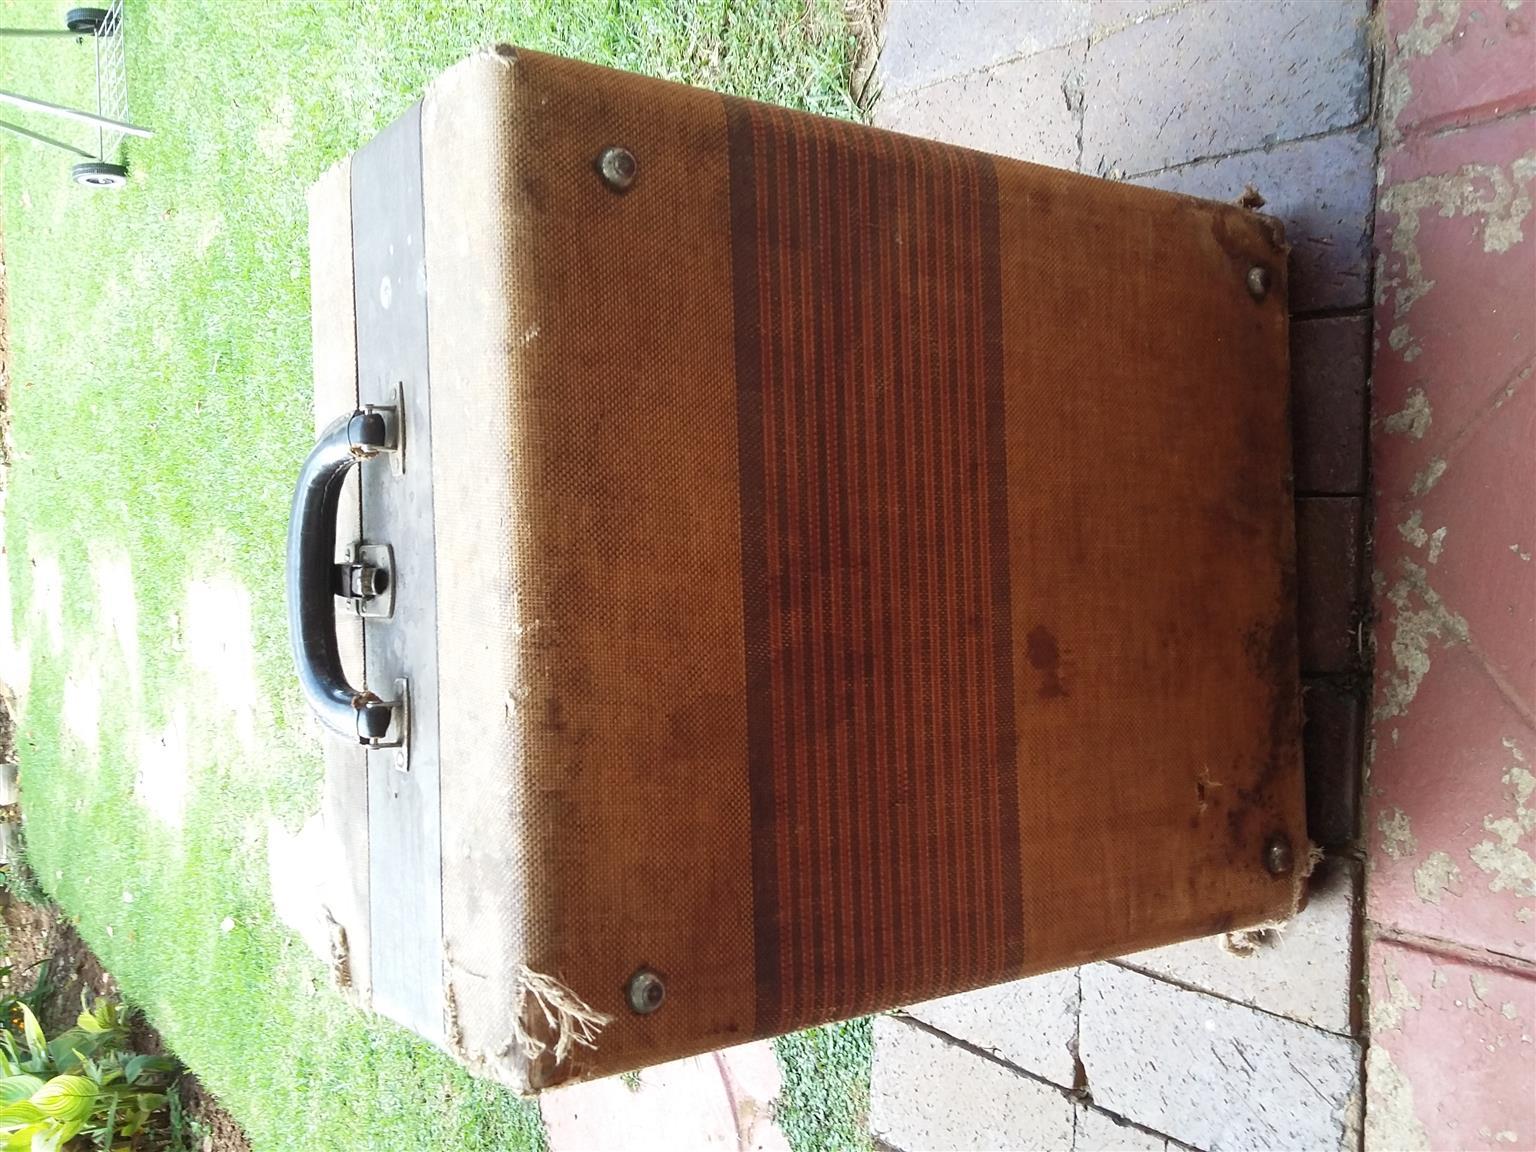 1949 Brush soundmaster sound recorder